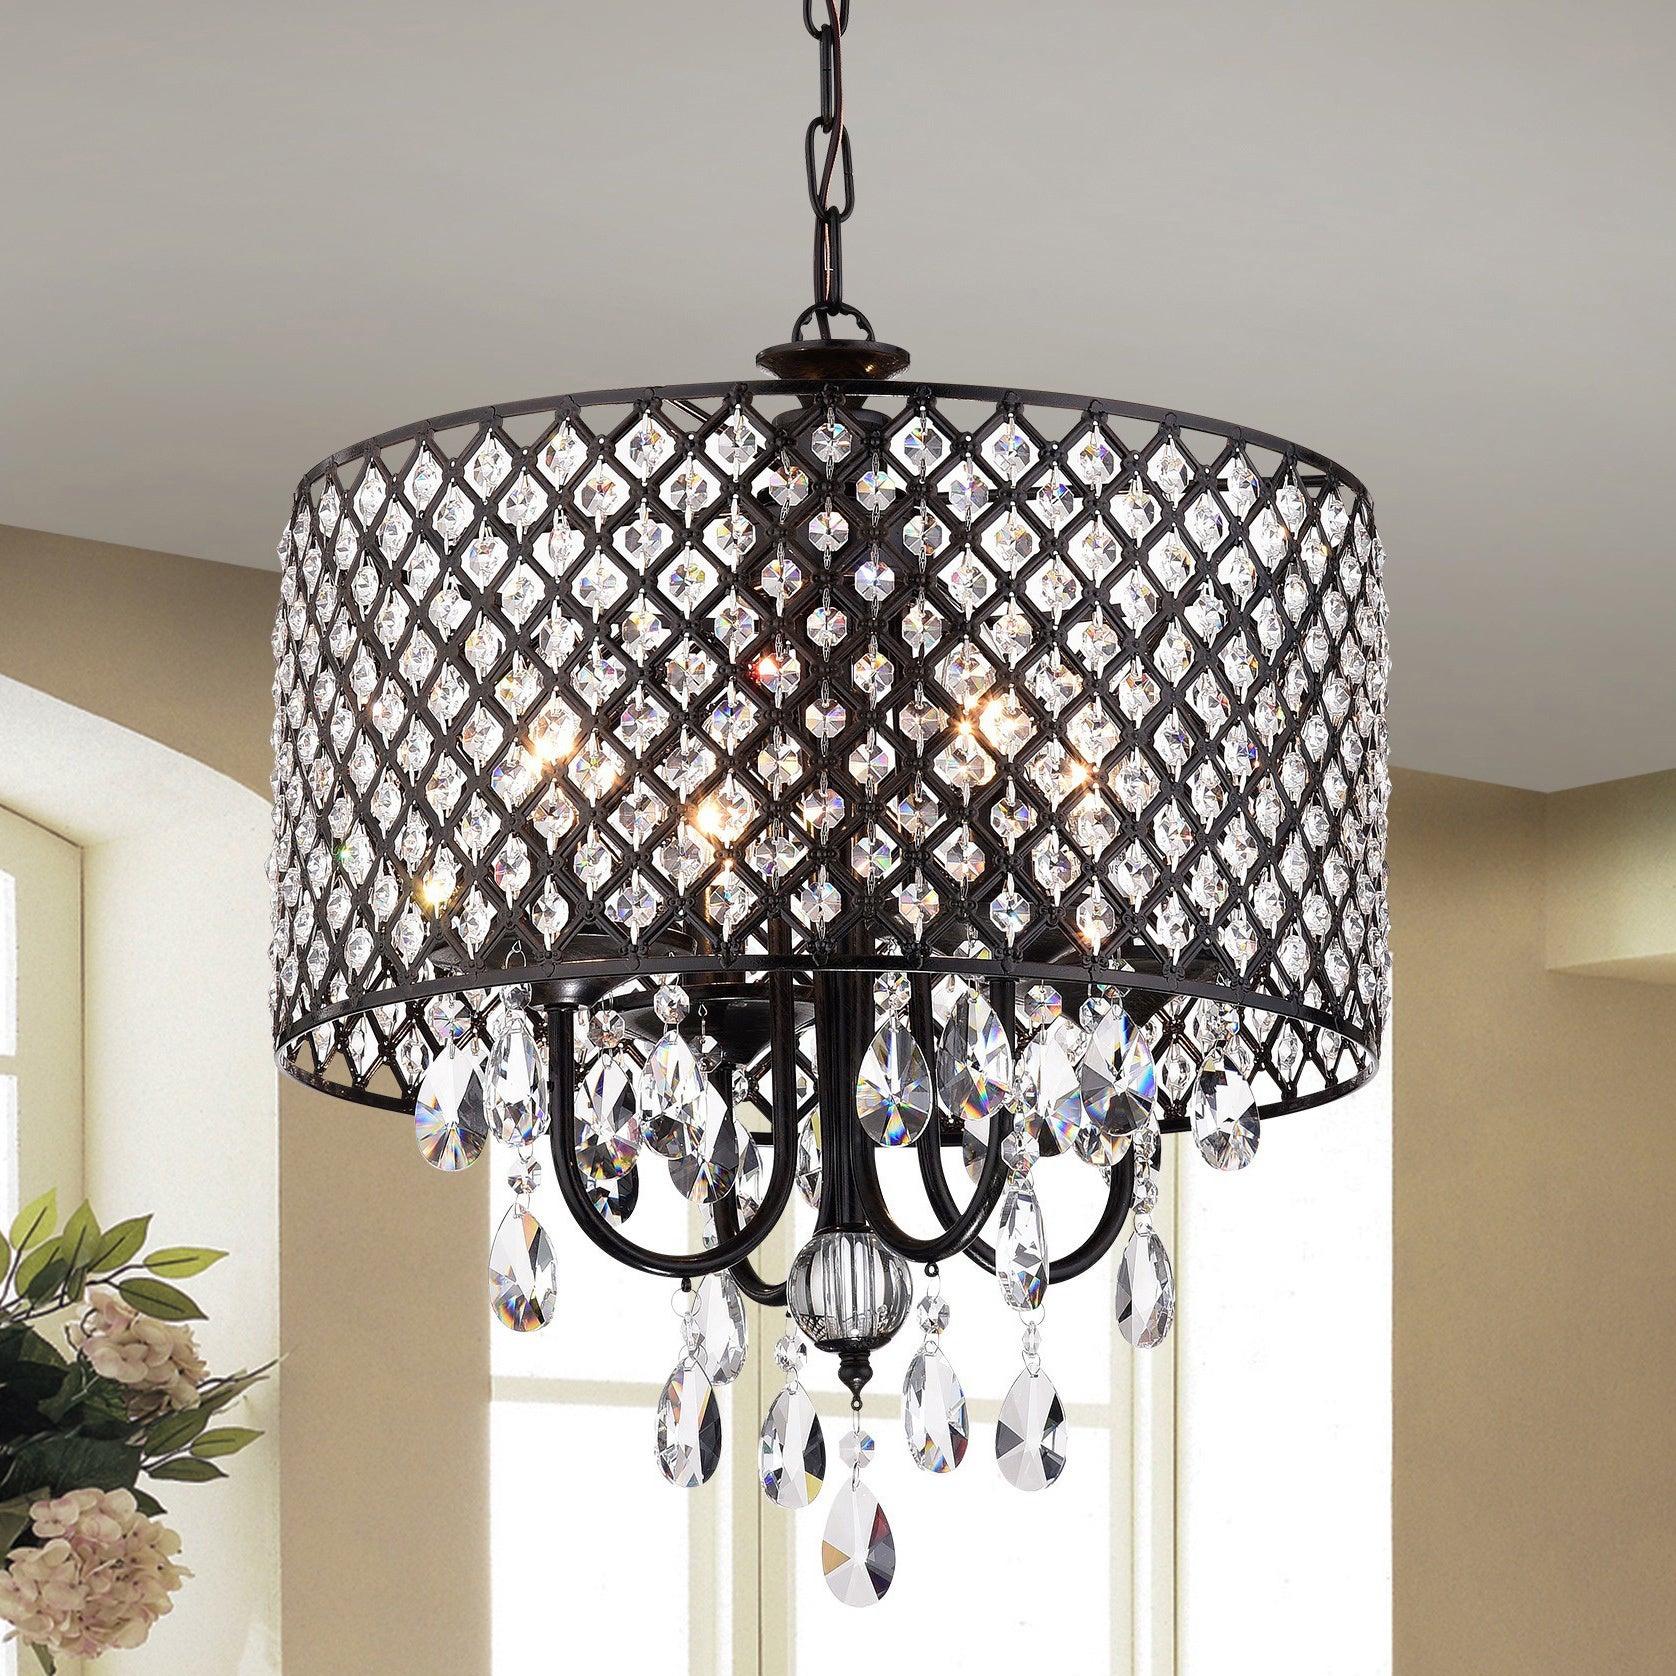 Black, Crystal Ceiling Lights | Shop Our Best Lighting in Johanne 6-Light Sputnik Chandeliers (Image 3 of 30)